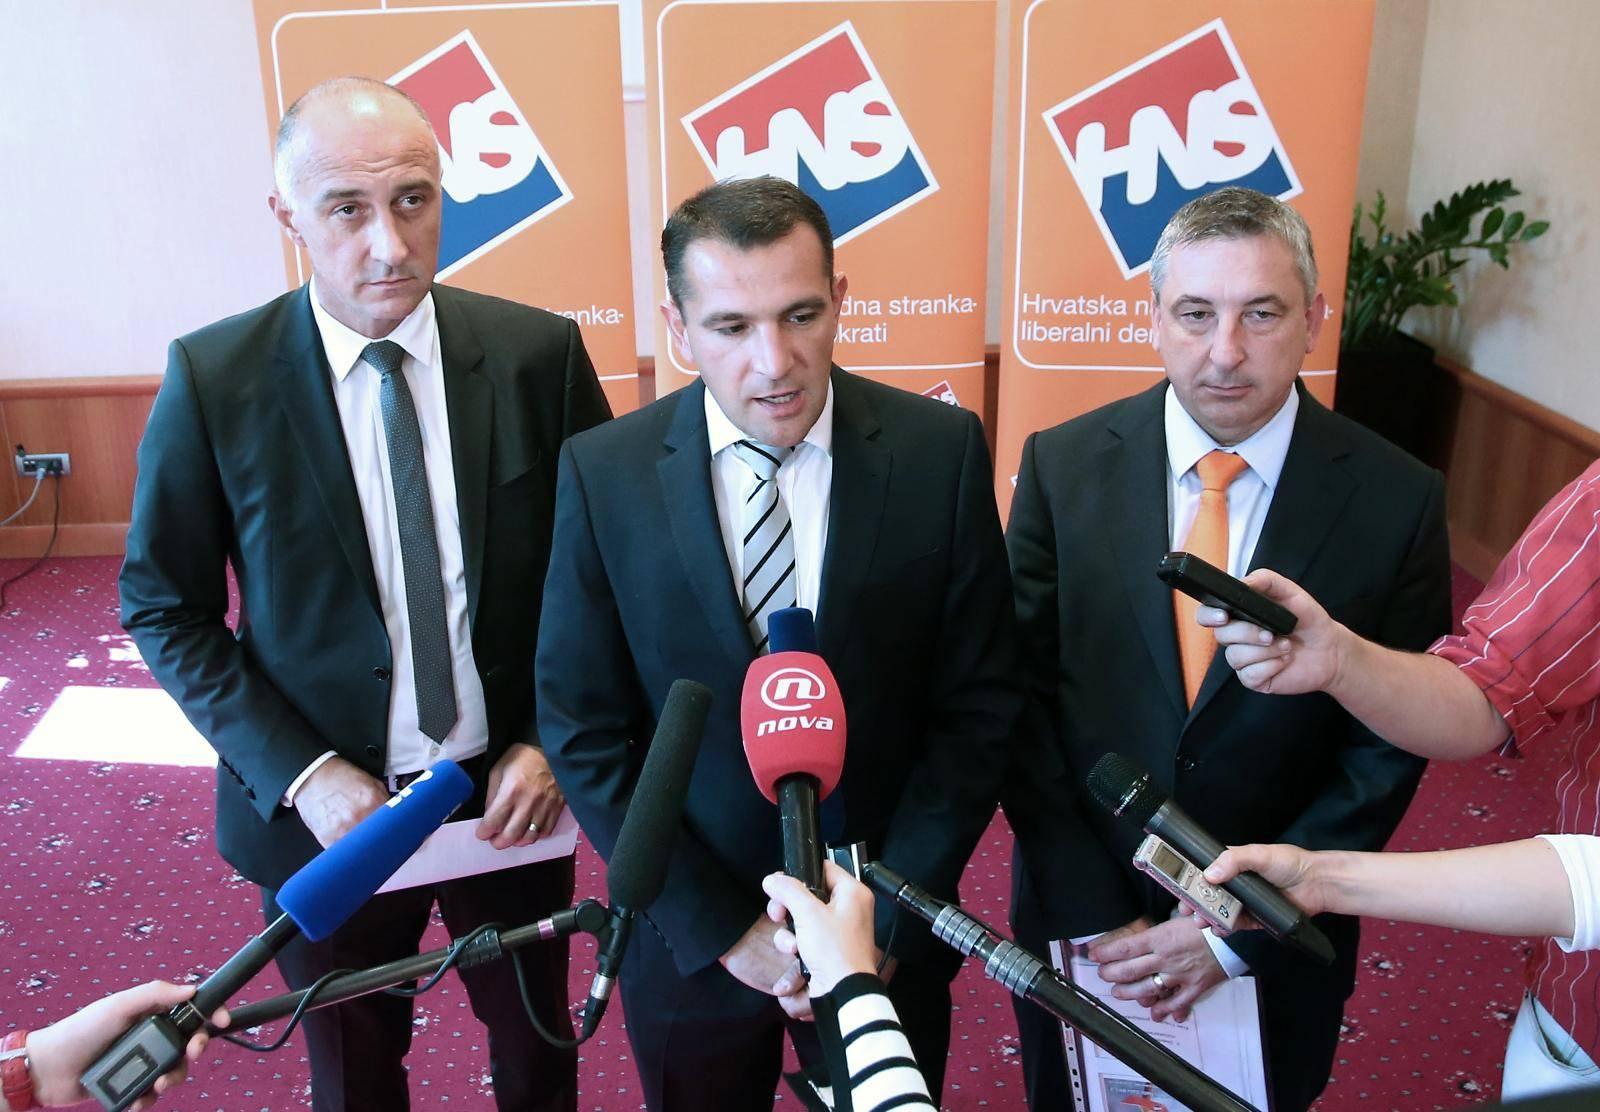 Vrh HNS-a protiv Posavca – novi kandidat Alen Leverić?